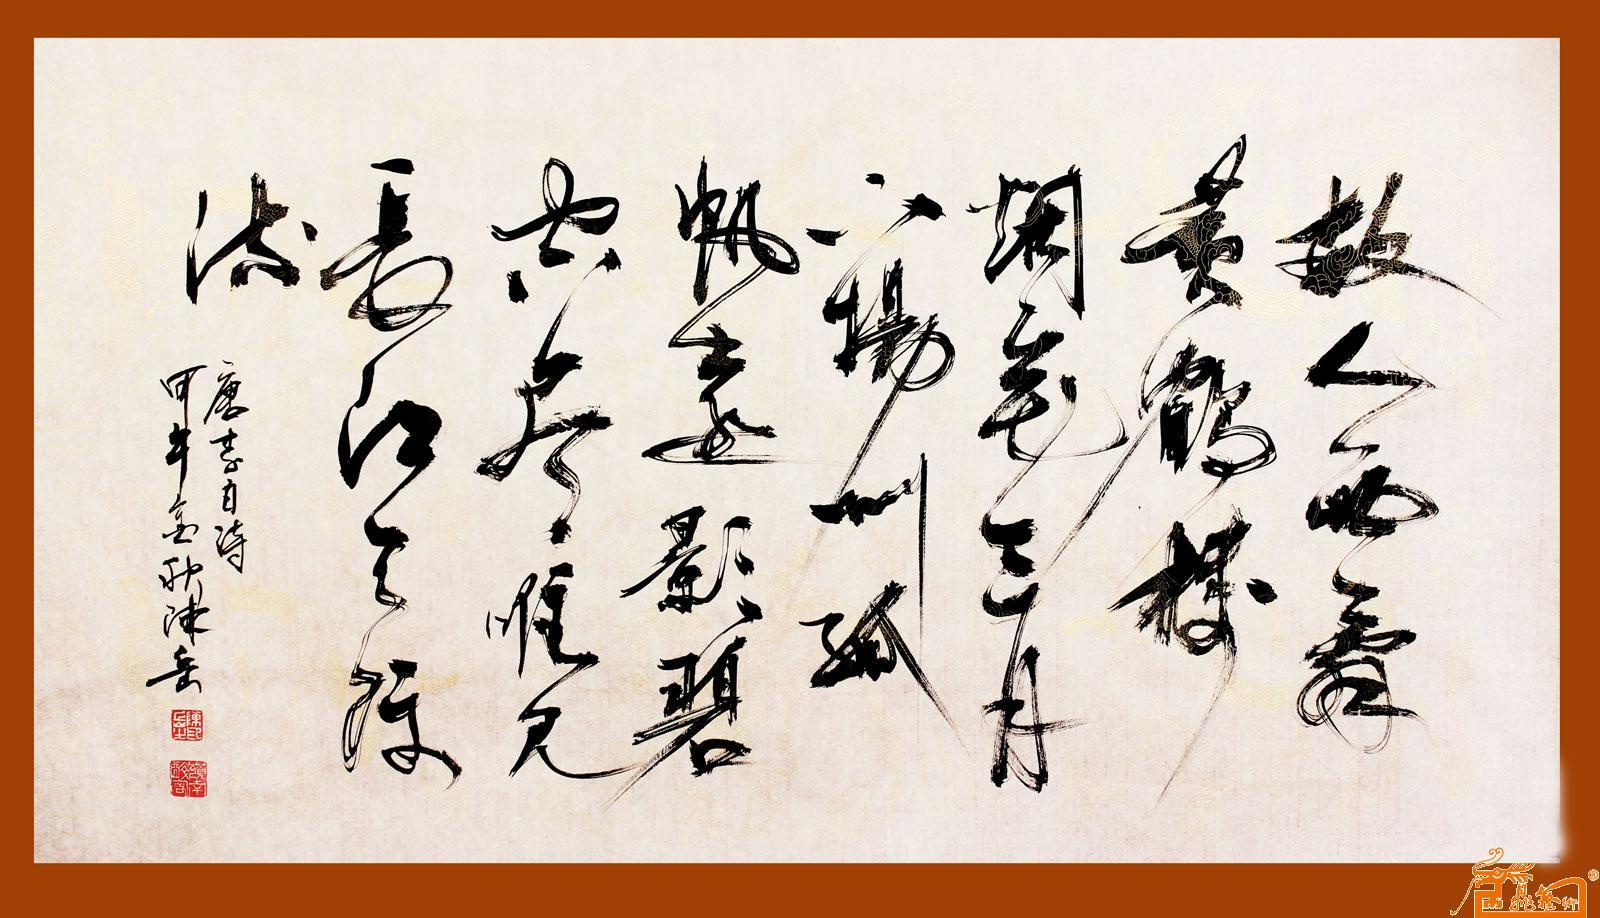 名家 陈岳 书法 - 作品109图片